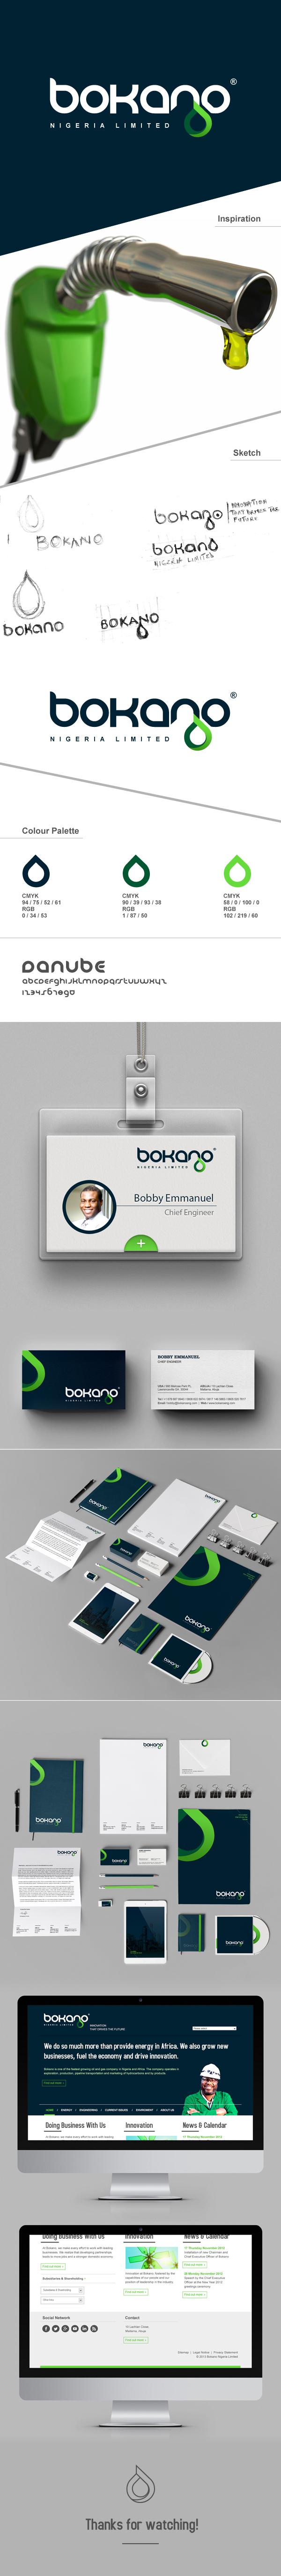 Bokano,branding stationary,blue,green,design,OIL AND GAS,petroleum,Website,Rebrand,print,logo